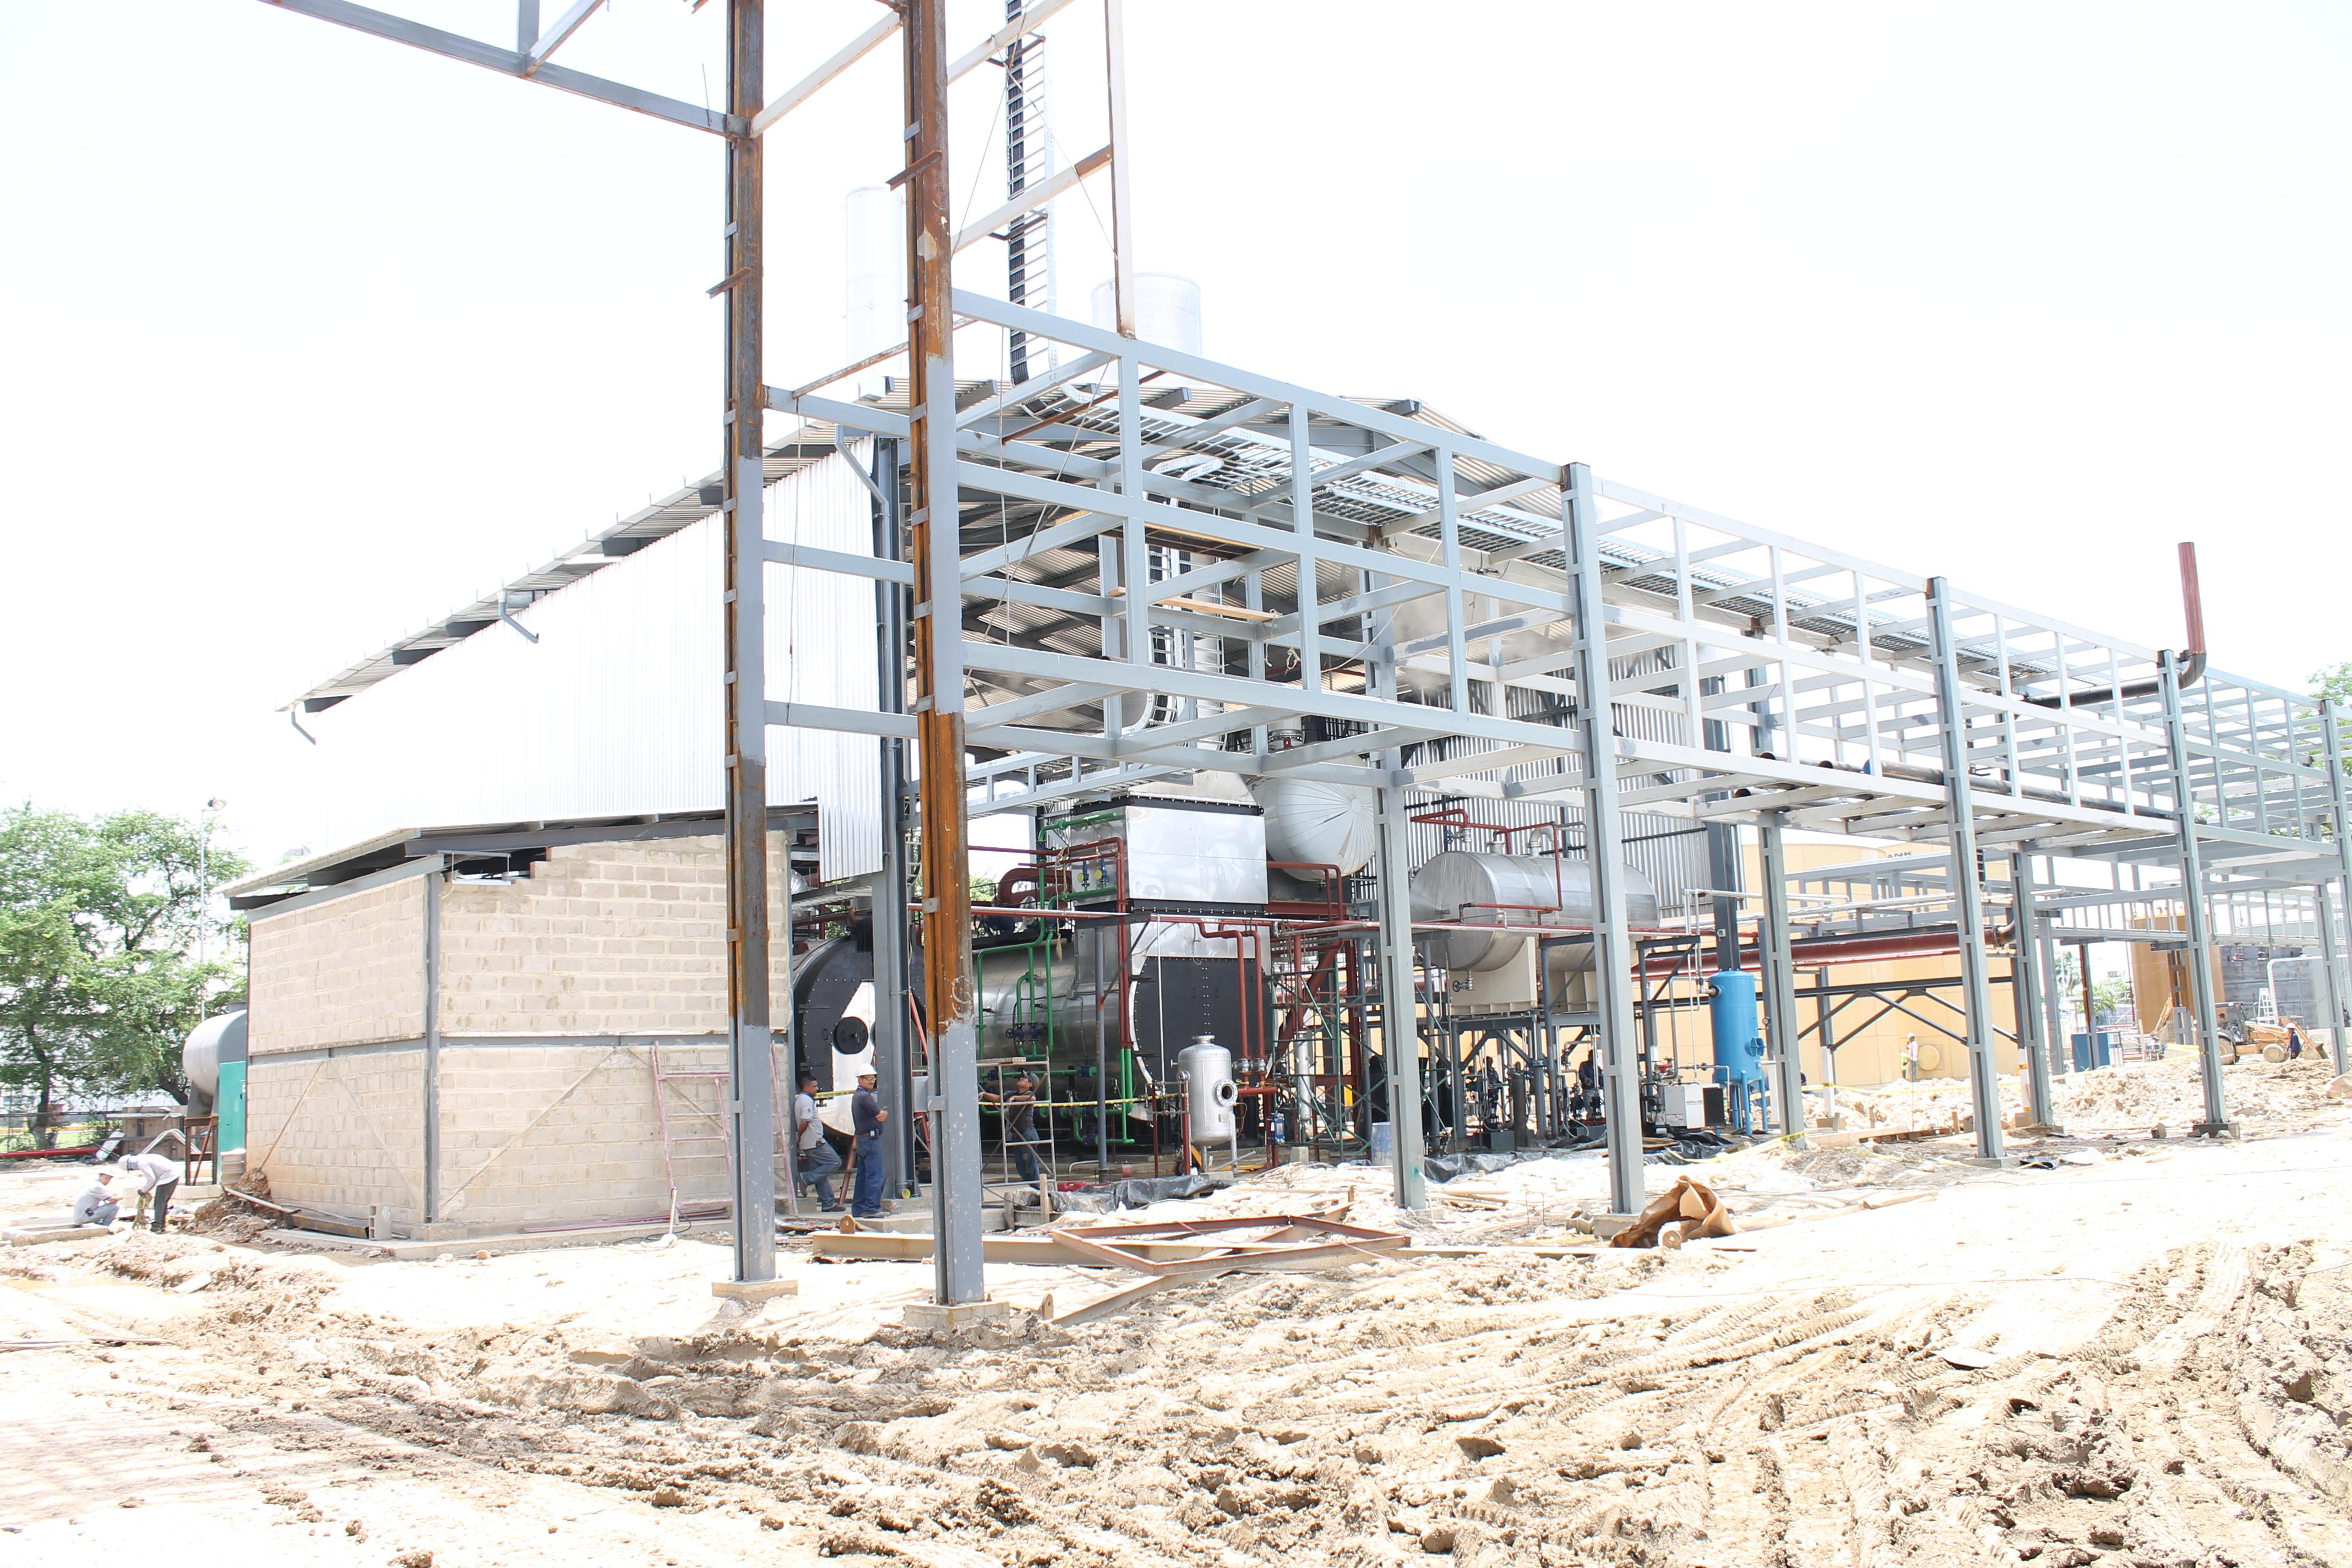 Instalaciones, Conducciones y Estructuras calderas de vapor Calderería López Hermanos, S.A. Valencia